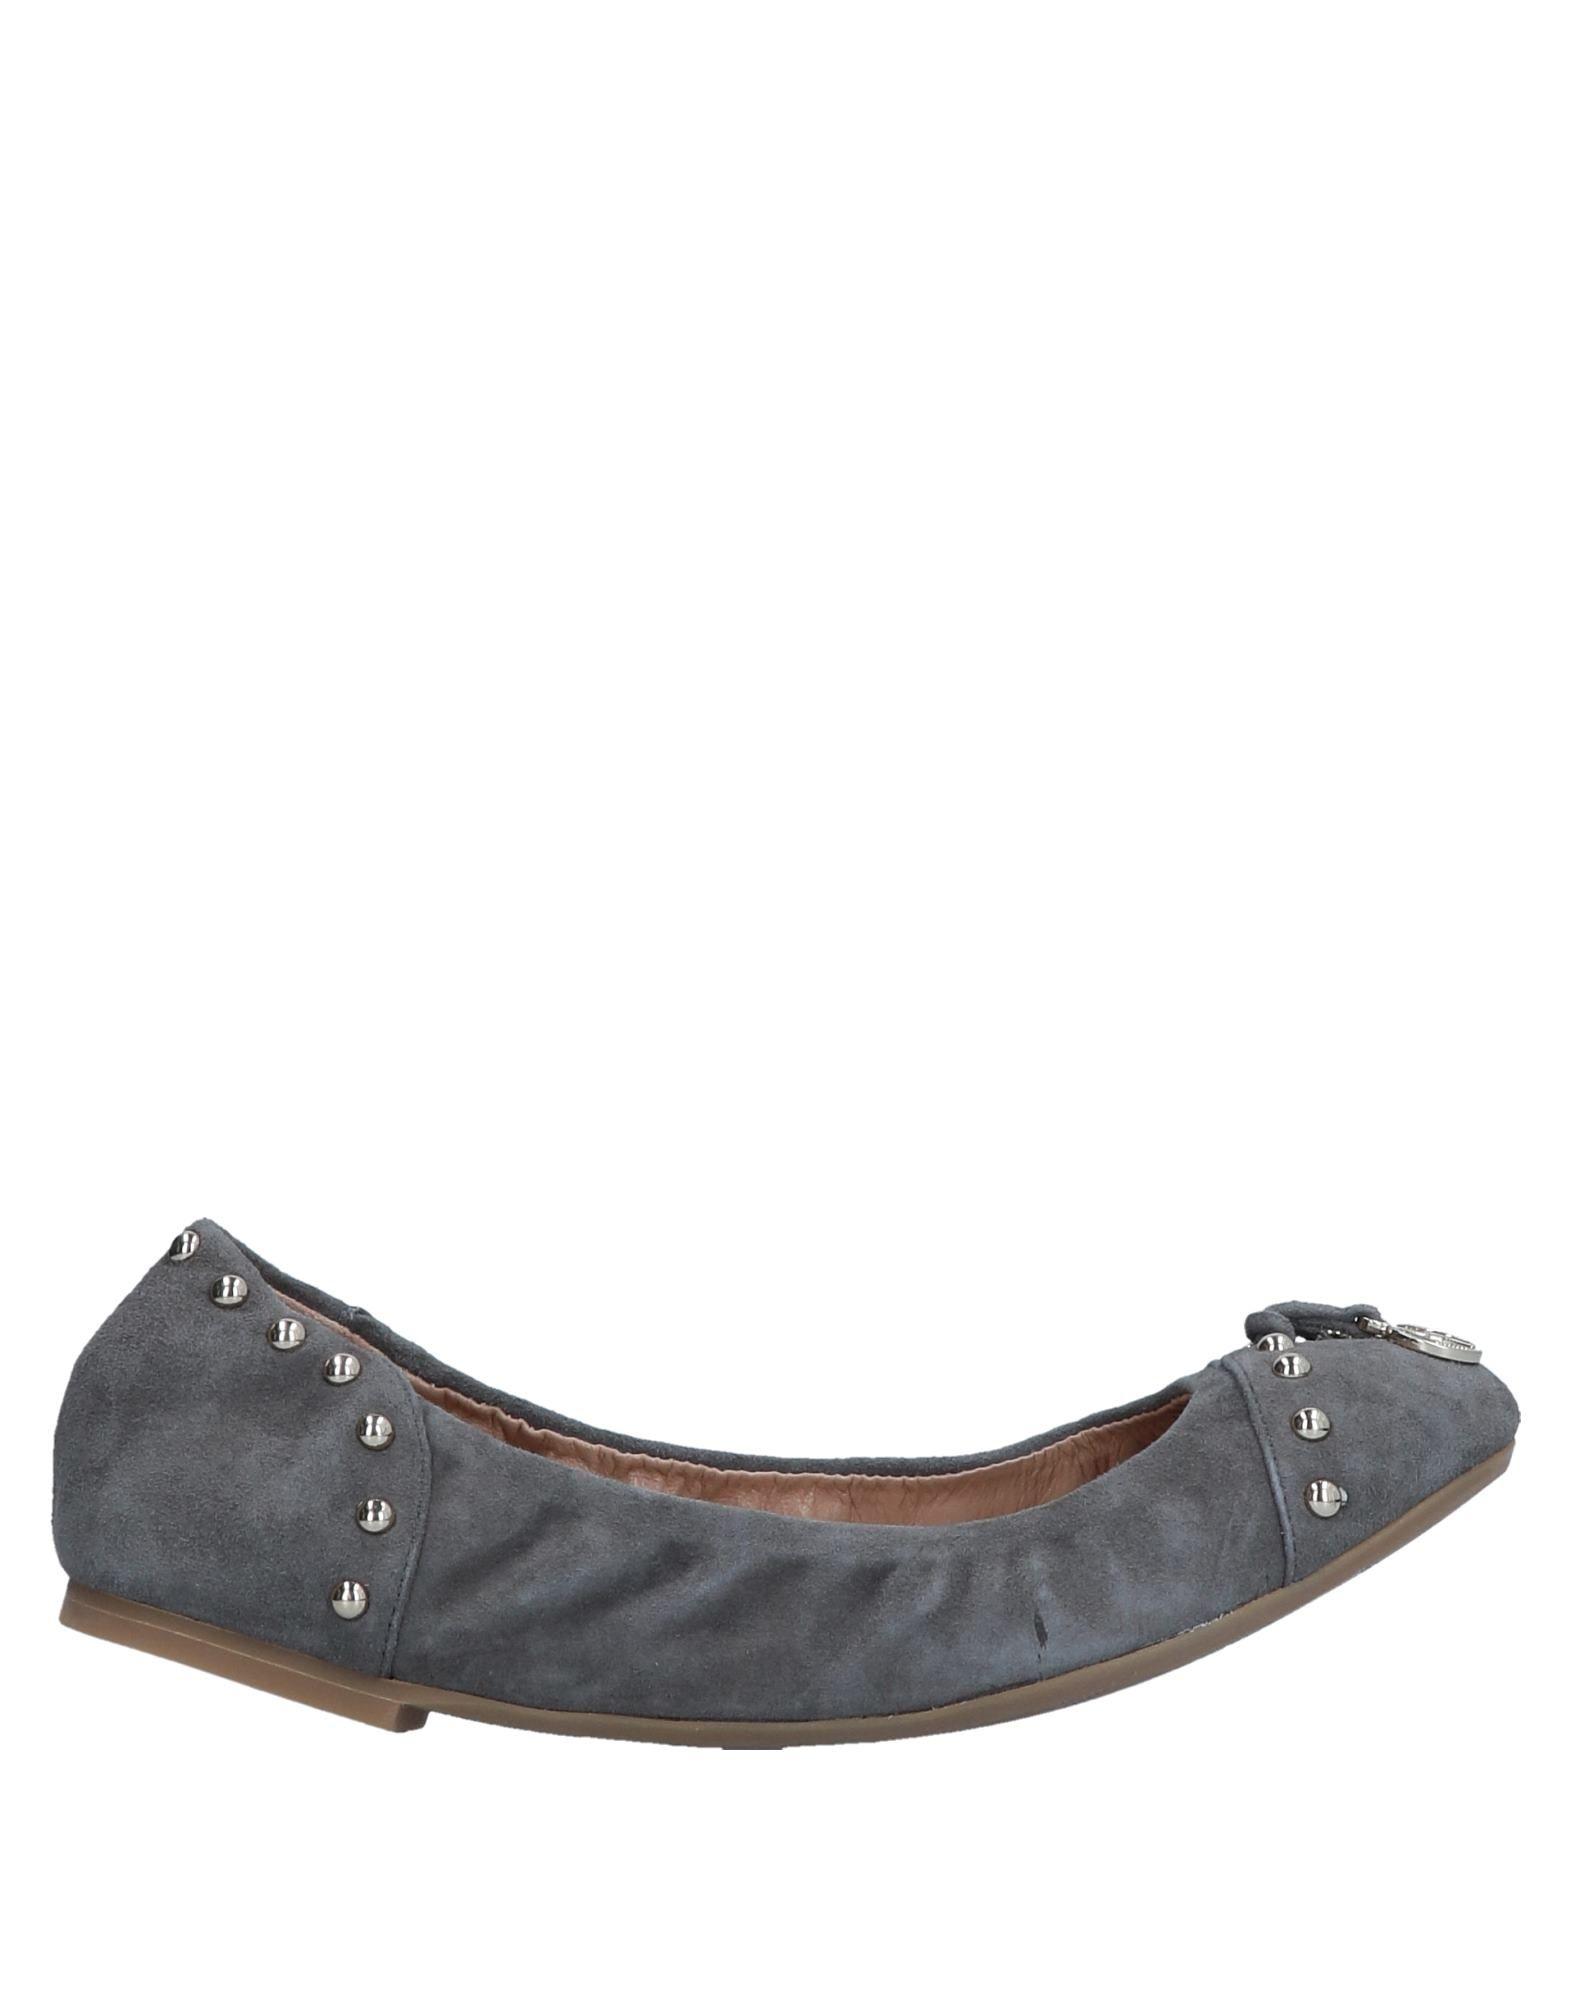 Armani Jeans Ballerinas Damen 11210512AL Gute Qualität beliebte Schuhe